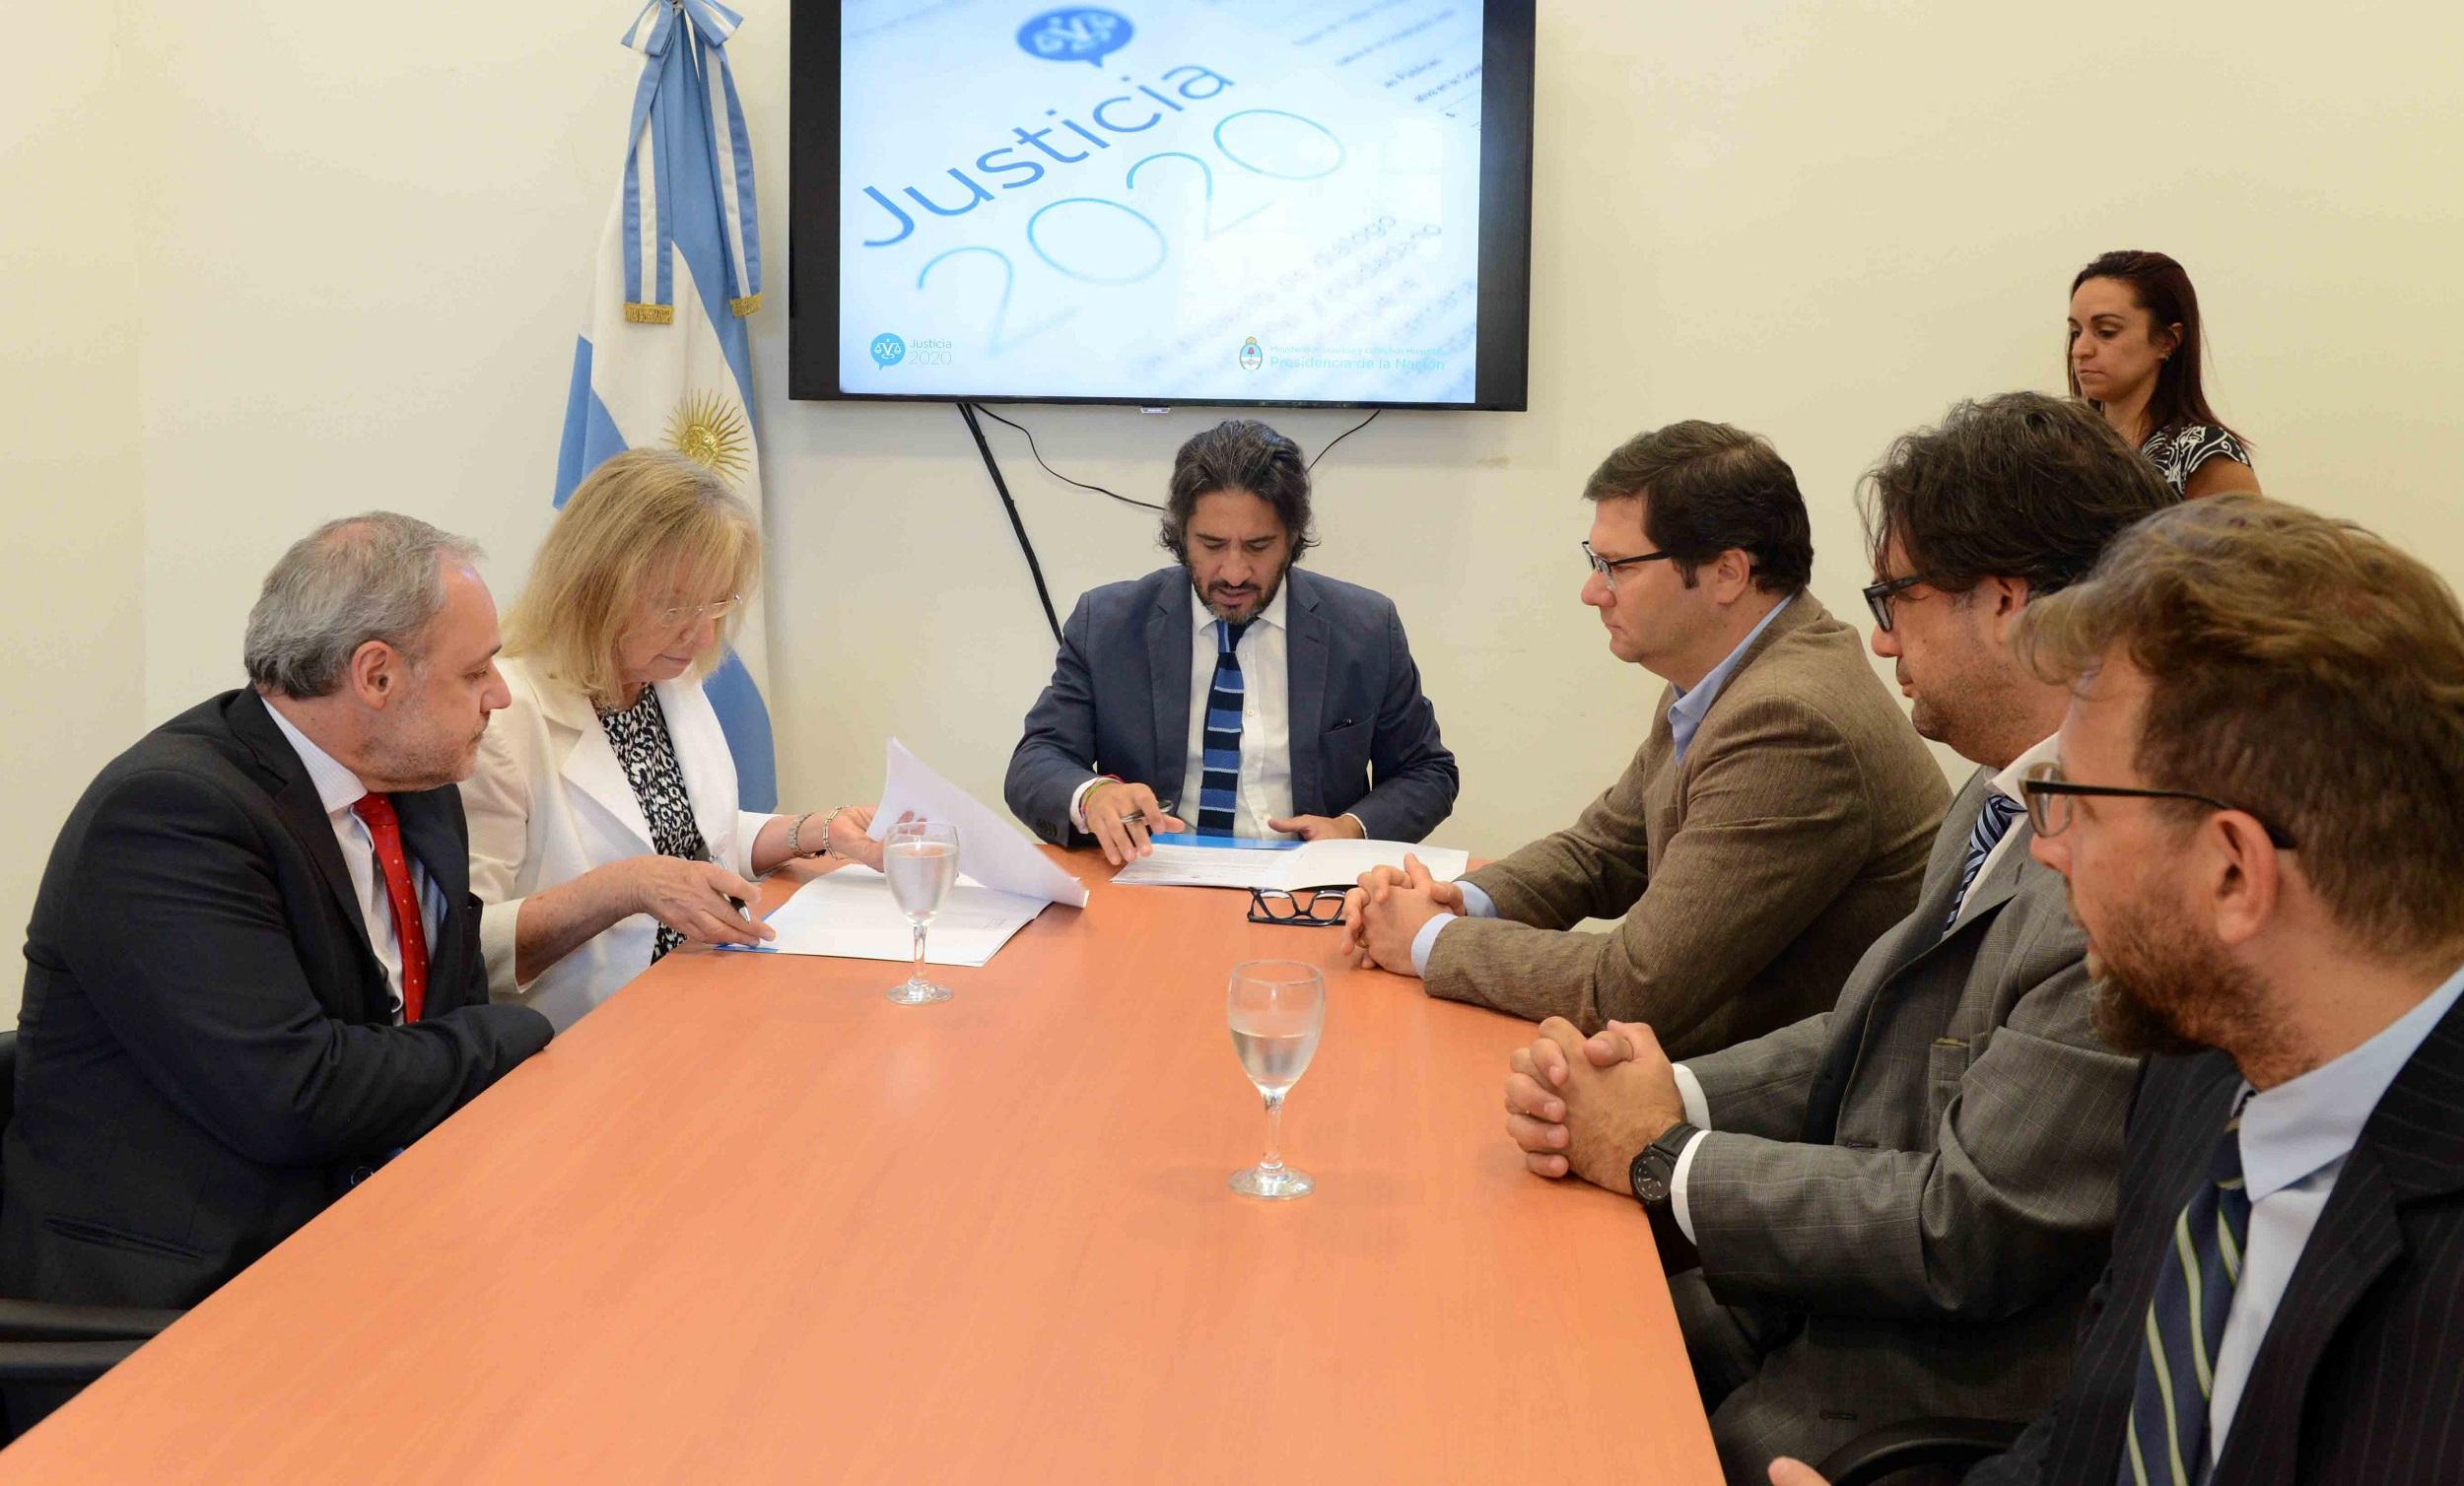 Cooperación entre Nación y provincia de Buenos Aires para fortalecer el sistema de administración de justicia